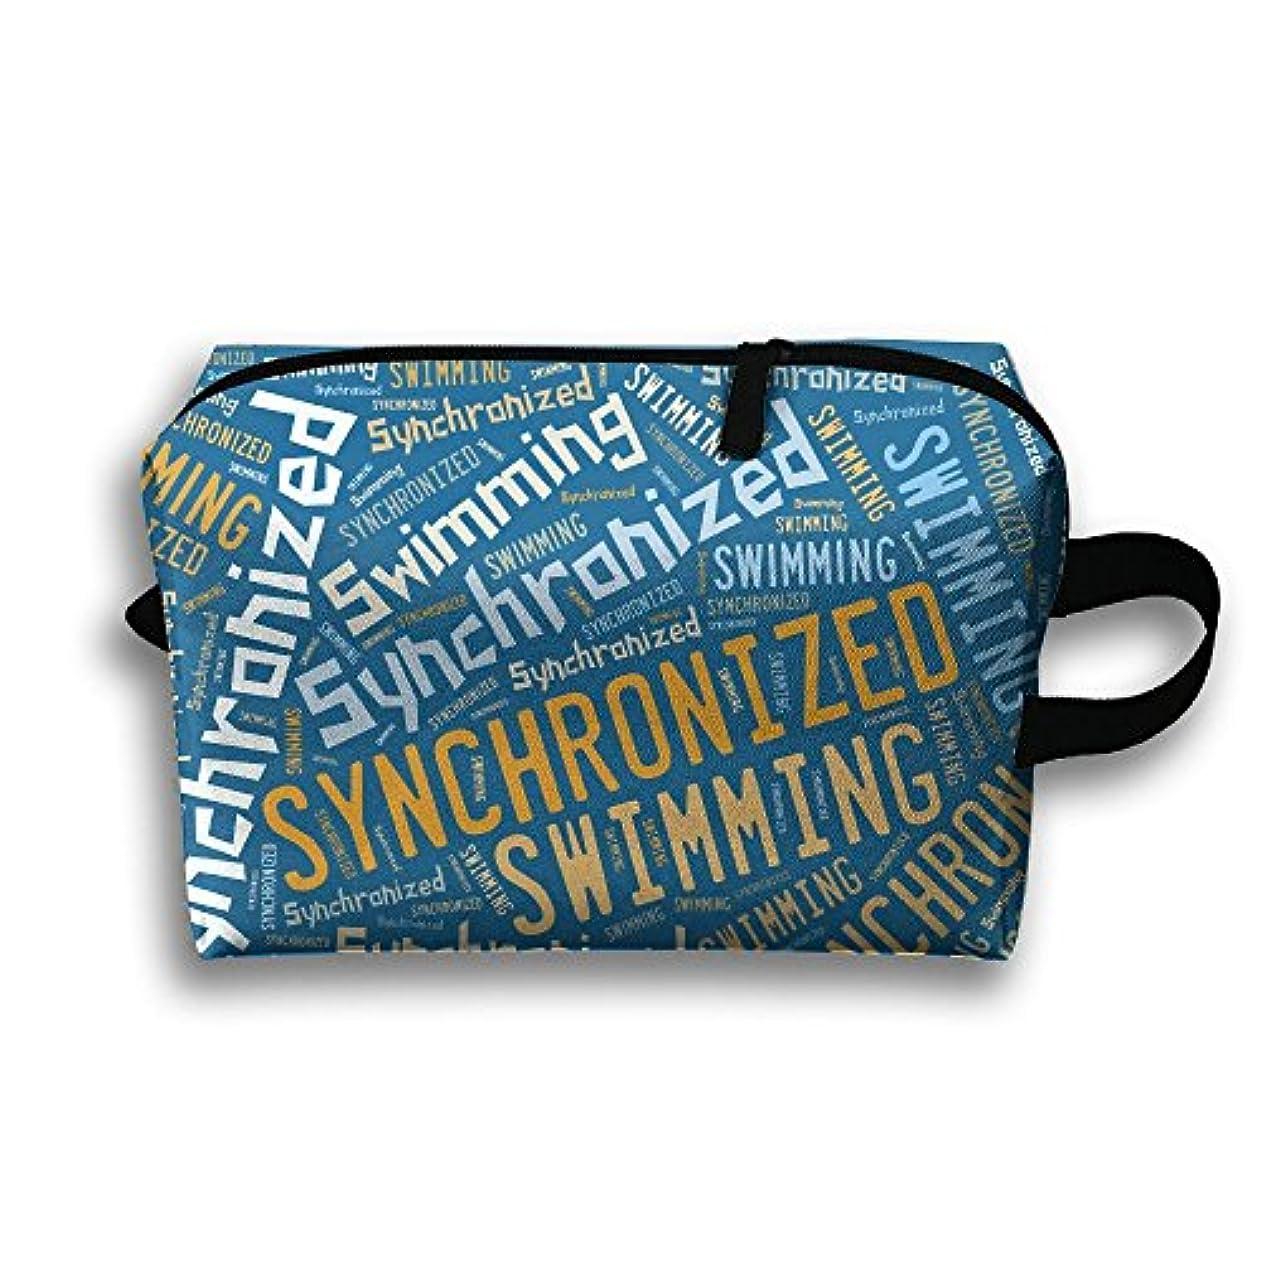 会話型コンパニオン国勢調査ポーチ シンクロナイズドスイミング 旅行用化粧品バッグ 洗面用具 出張 PC周辺小物整理 小物入れ 大容量 軽量 収納 White